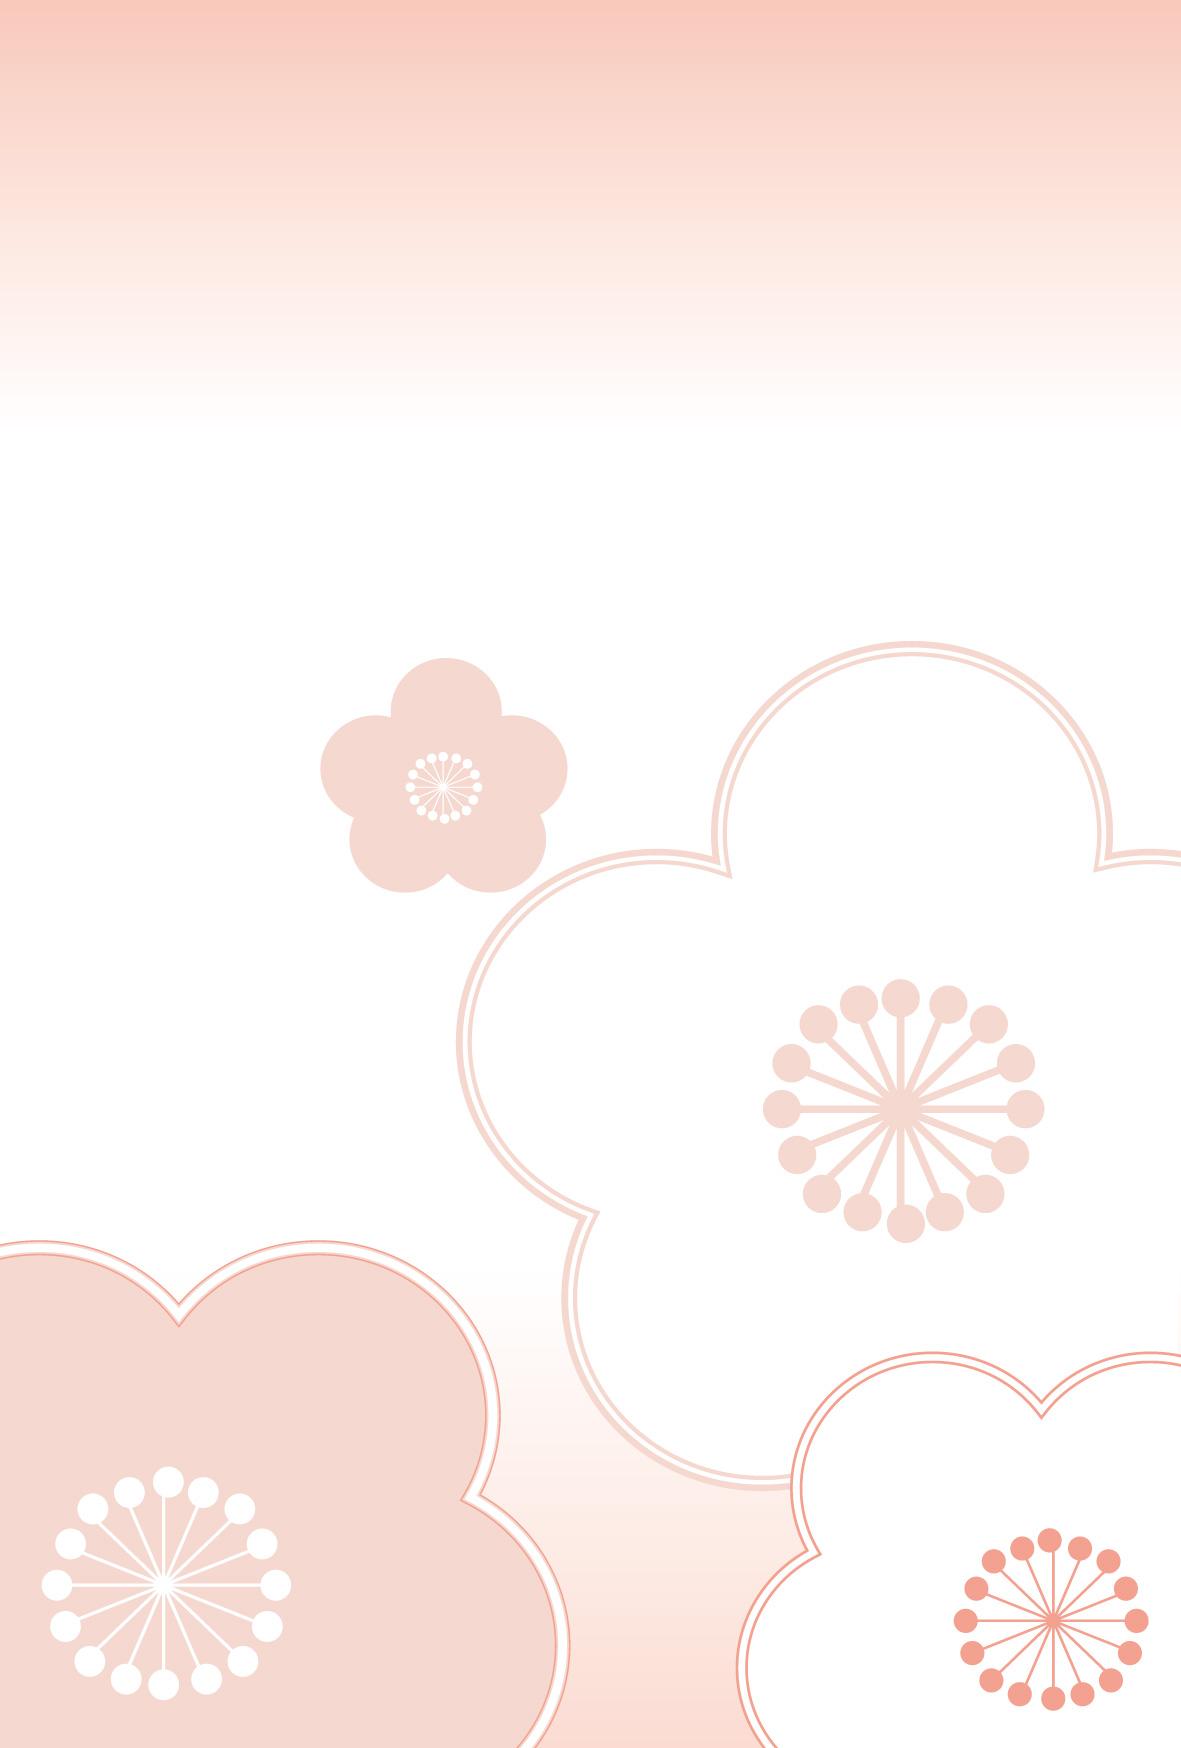 イラストはがき背景(年賀状)無料素材/梅デザイン